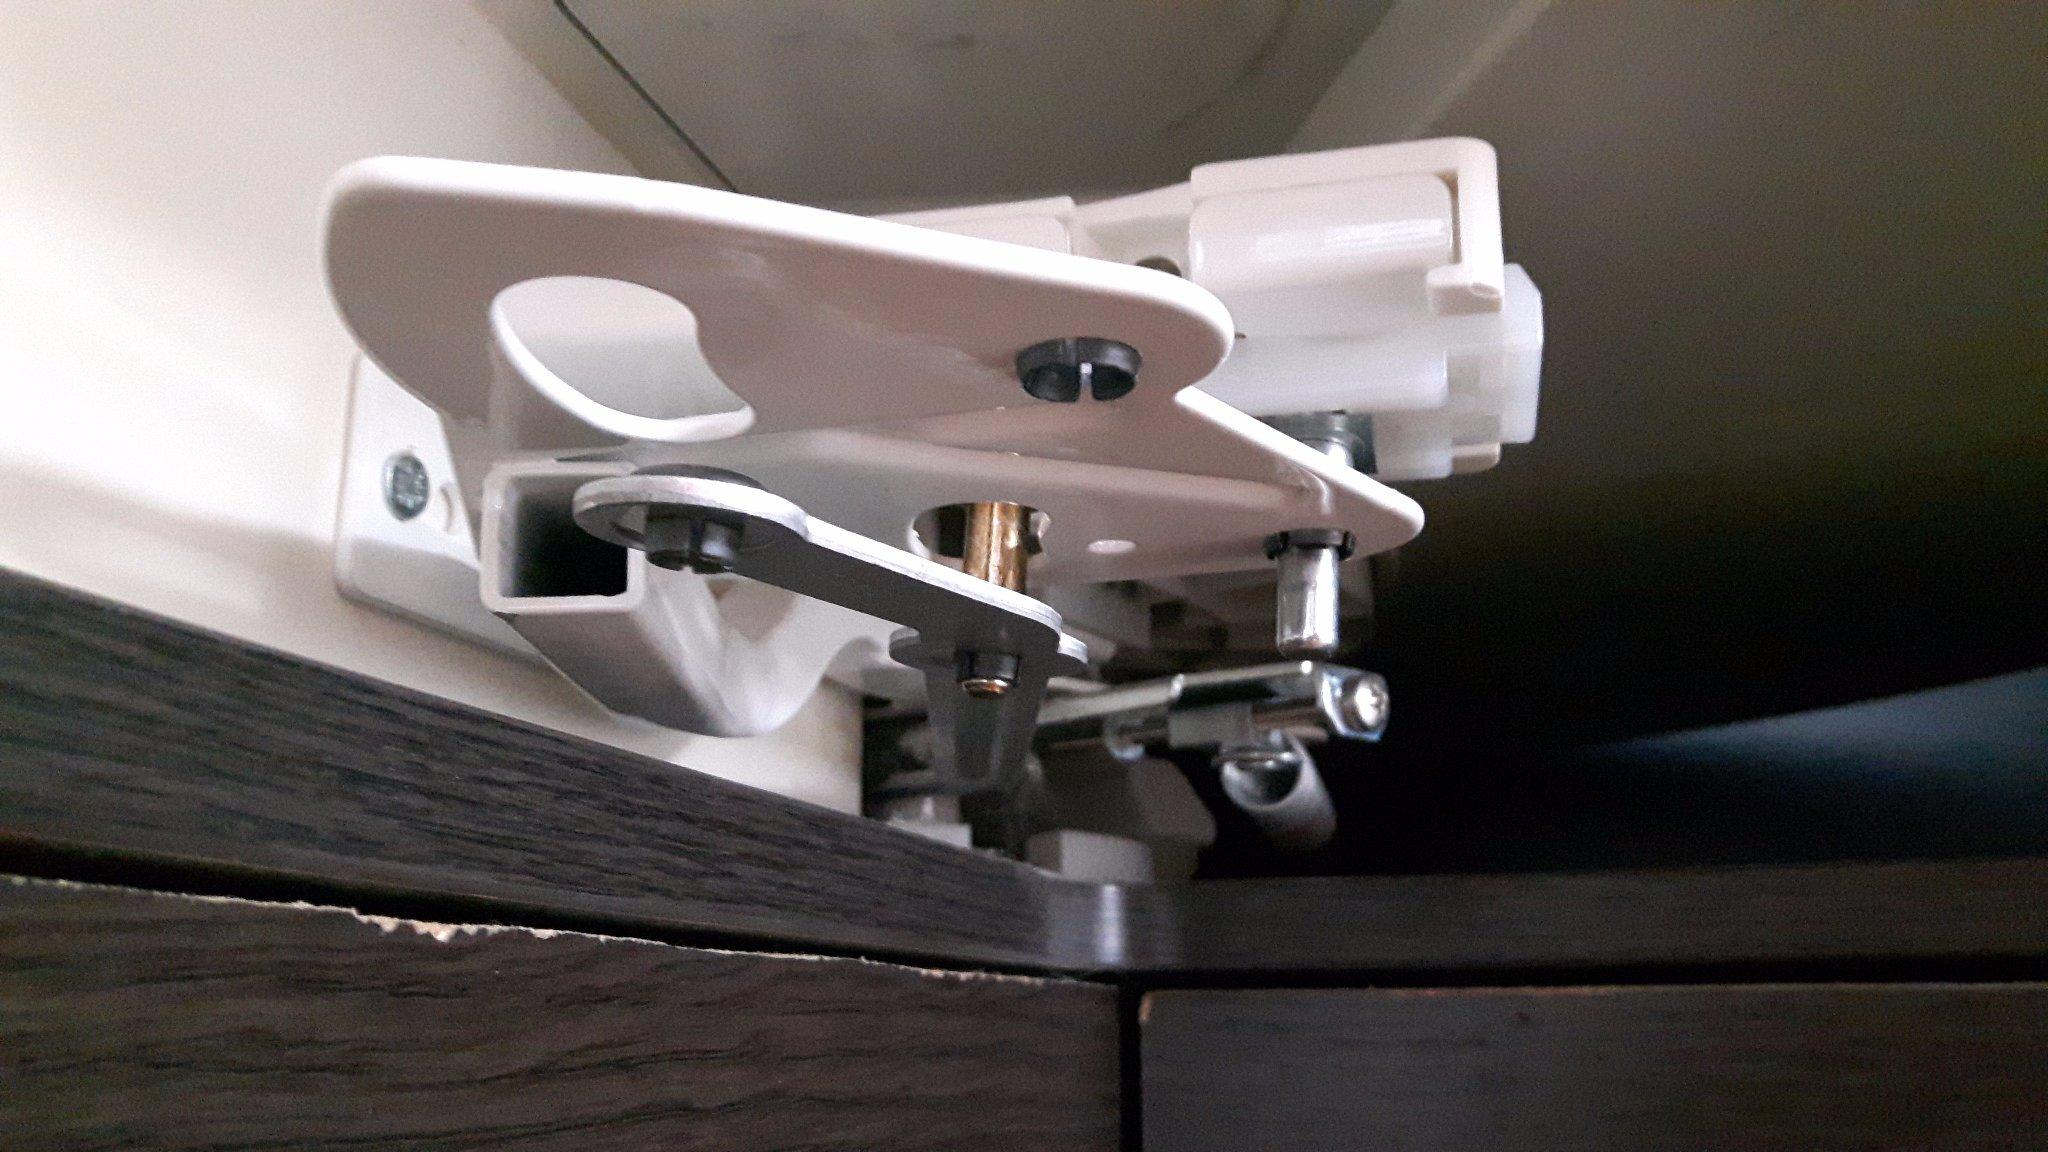 carrousel keuken afstellen : Carrousel Keuken Repareren Werkspot